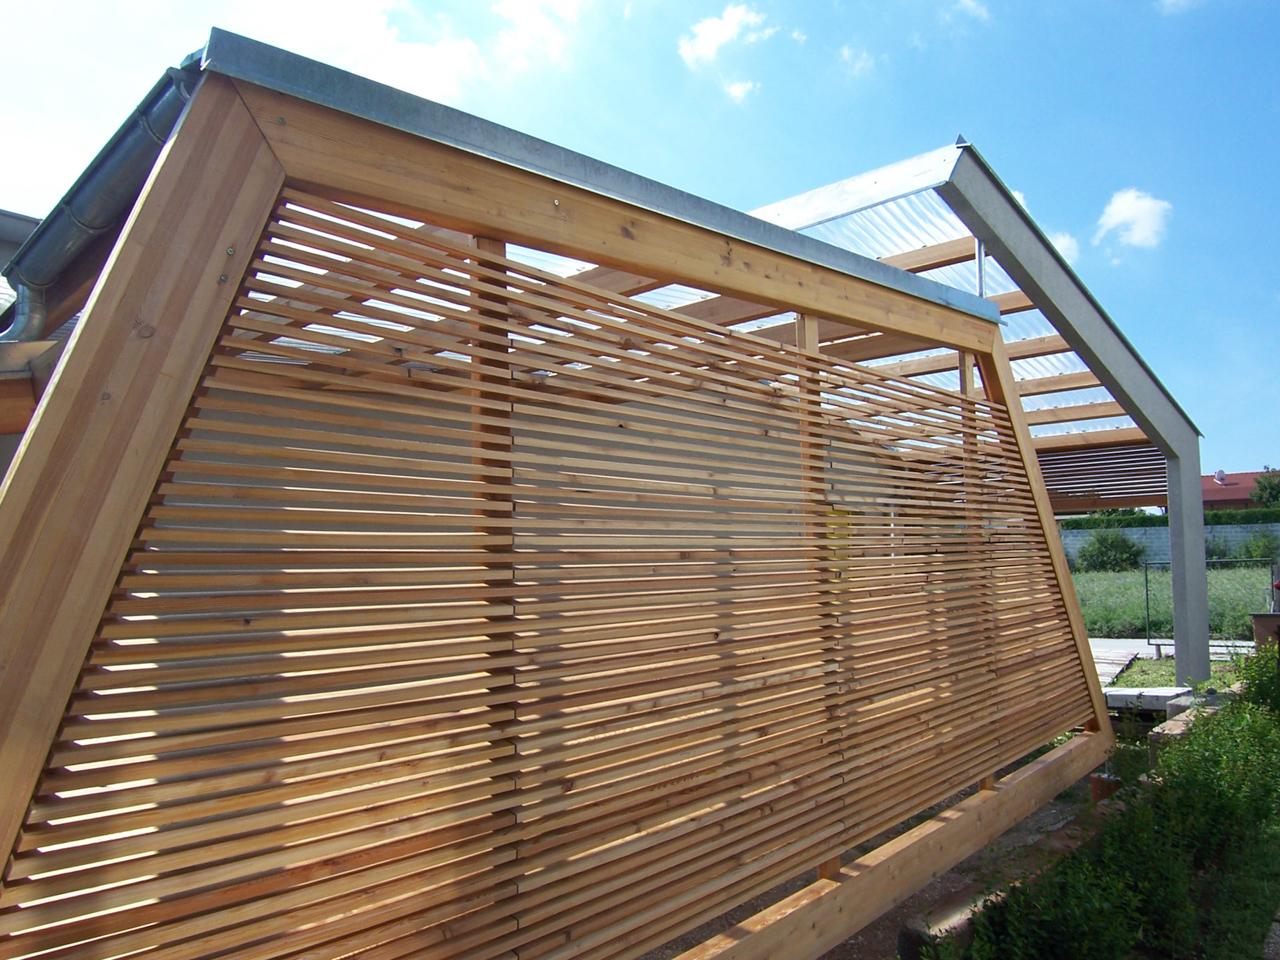 Holz-Konstruktion als Teil eines Einfamilienhauses der Paschinger Architekten